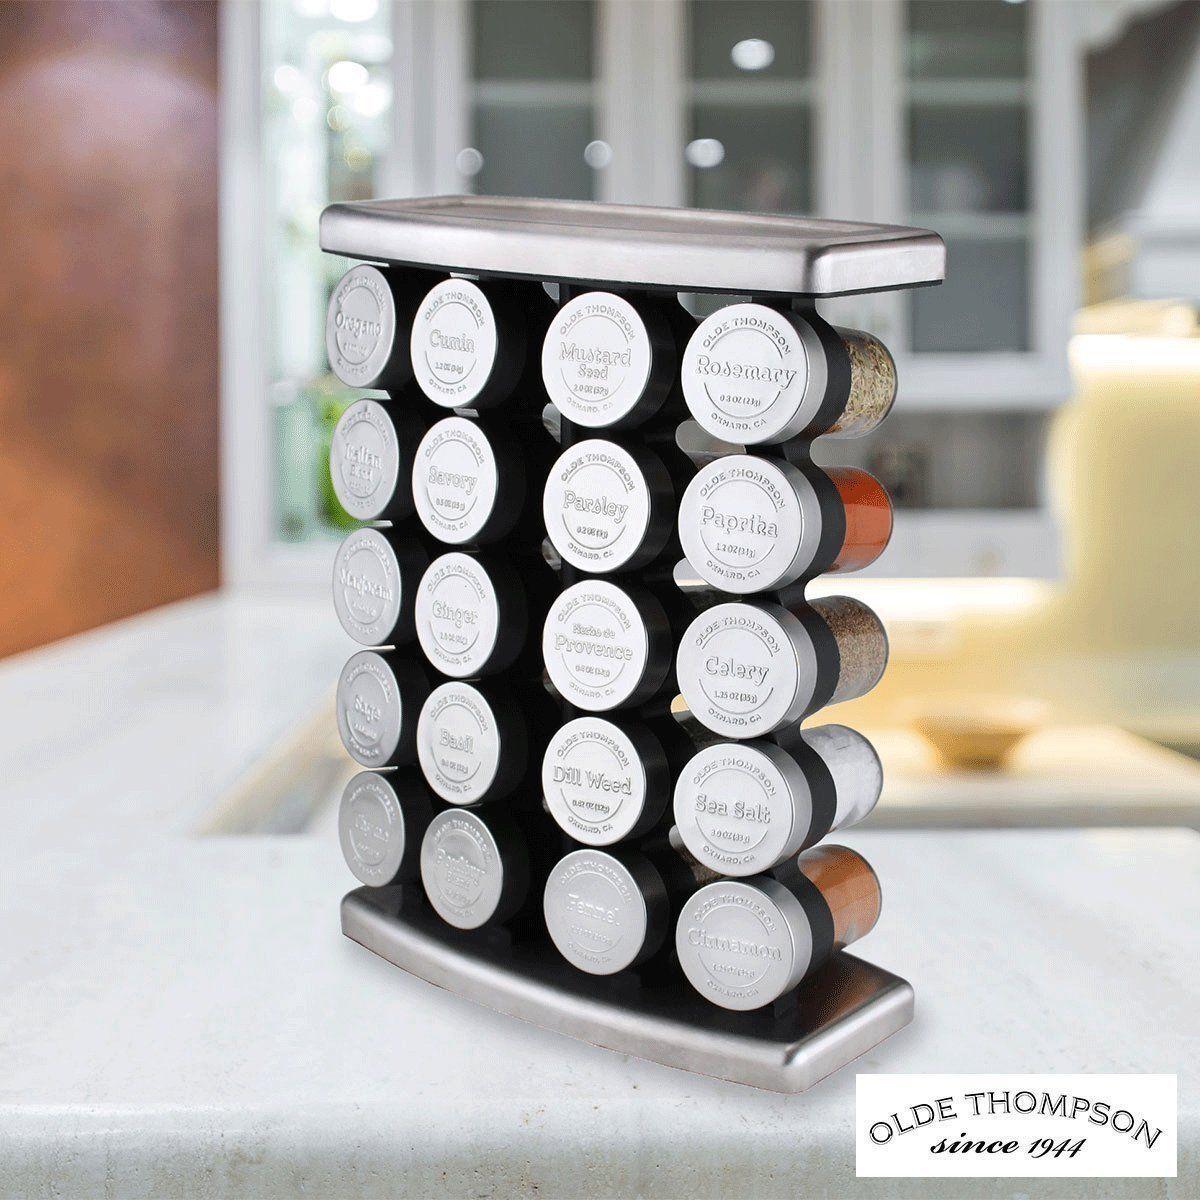 Olde Thompson en acier inoxydable 20 Bocal étagère à épices avec épices BRAND NEW FREE p&p